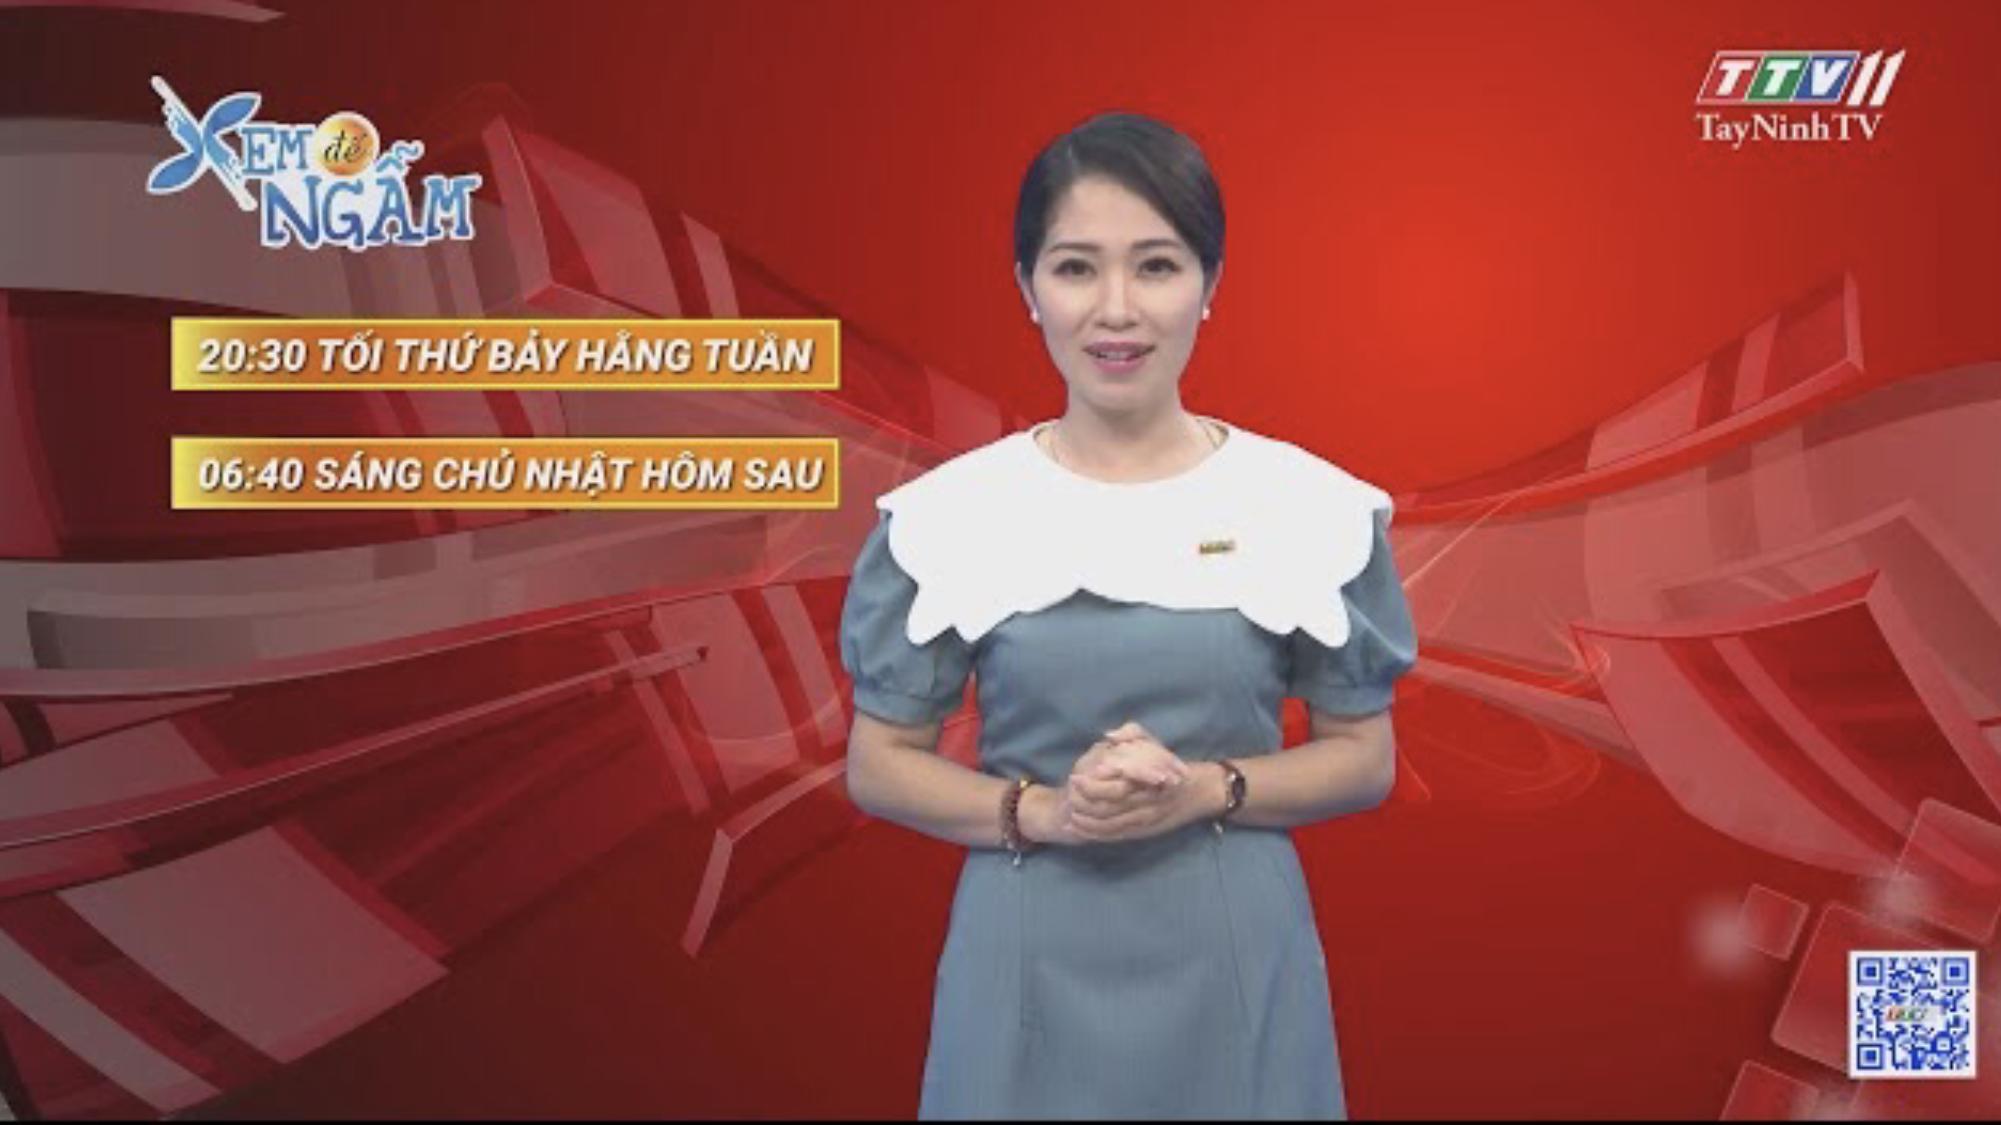 Mất cả chì lẫn chài | XEM ĐỂ NGẪM | TayNinhTVE